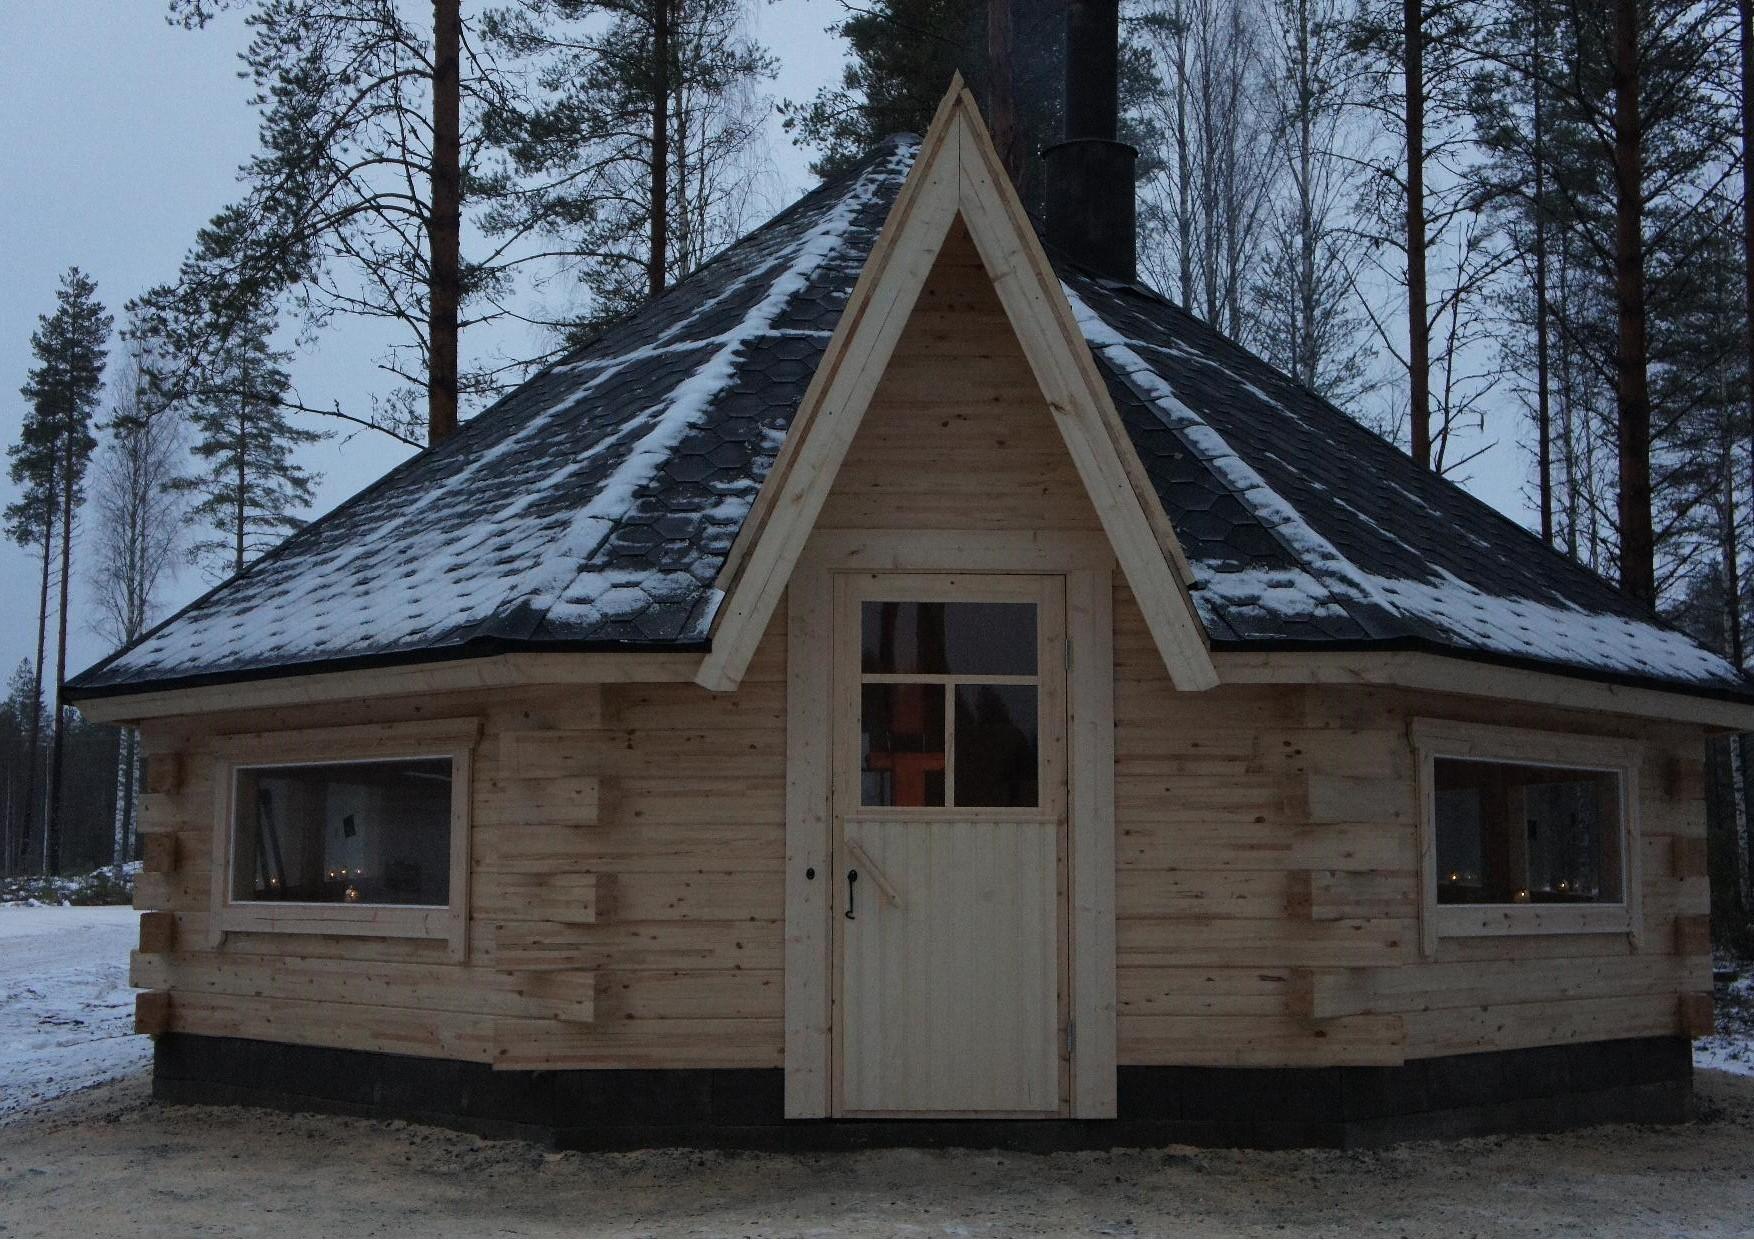 Jukolan Motin kodan sisäänkäynti, jonka ovenpäällystä tulee koristamaan Rukajärven rintaman tunnus.